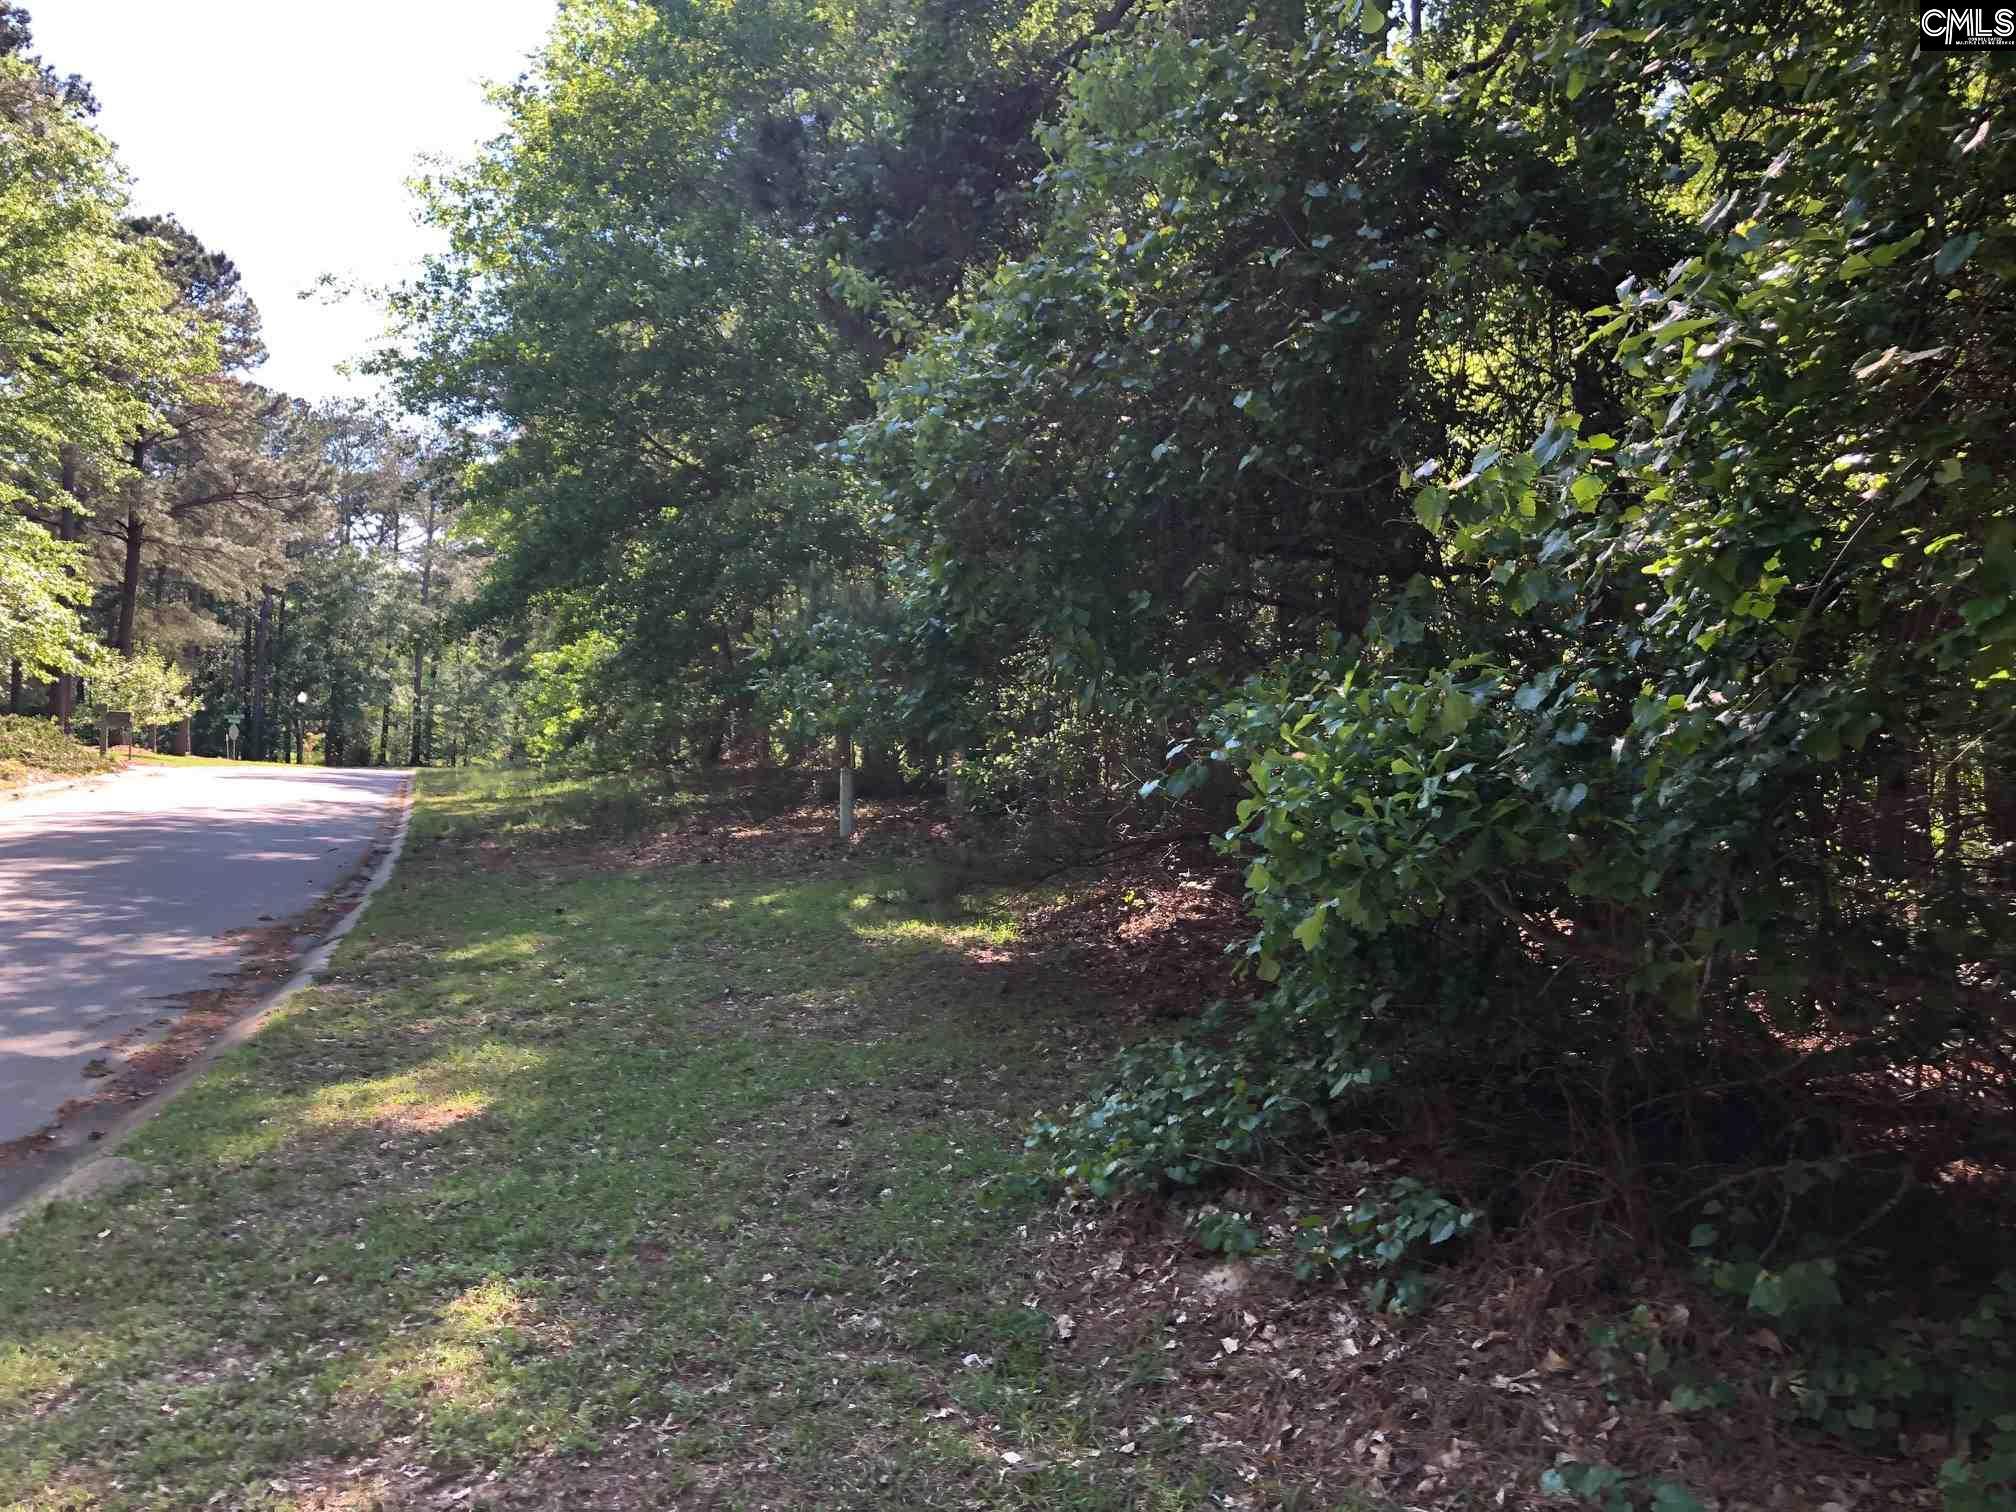 201 Ashley Oaks Blythewood, SC 29016